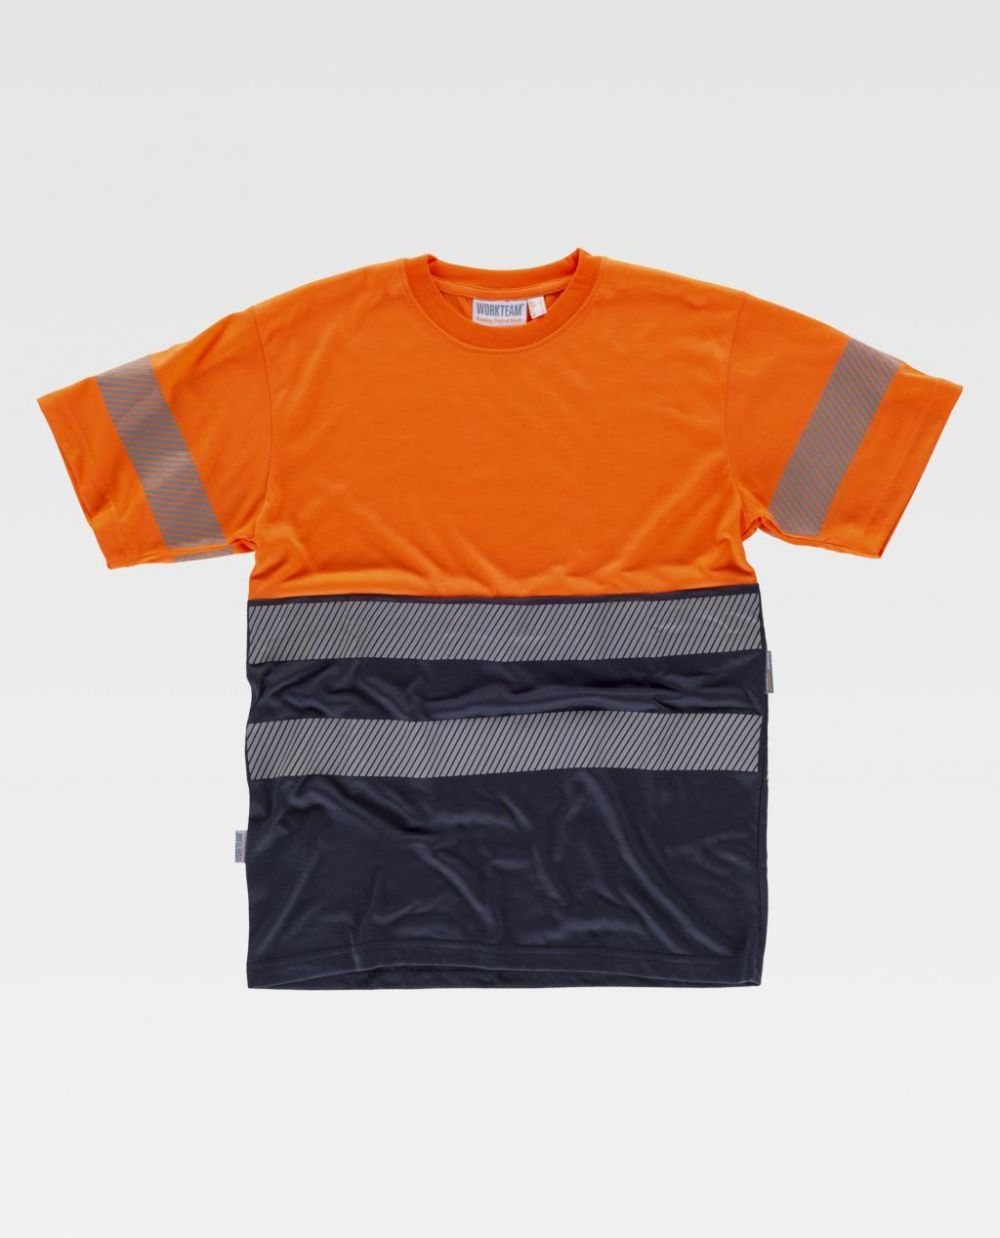 Camisetas reflectante workteam mc combinada reflectante de poliéster vista 1